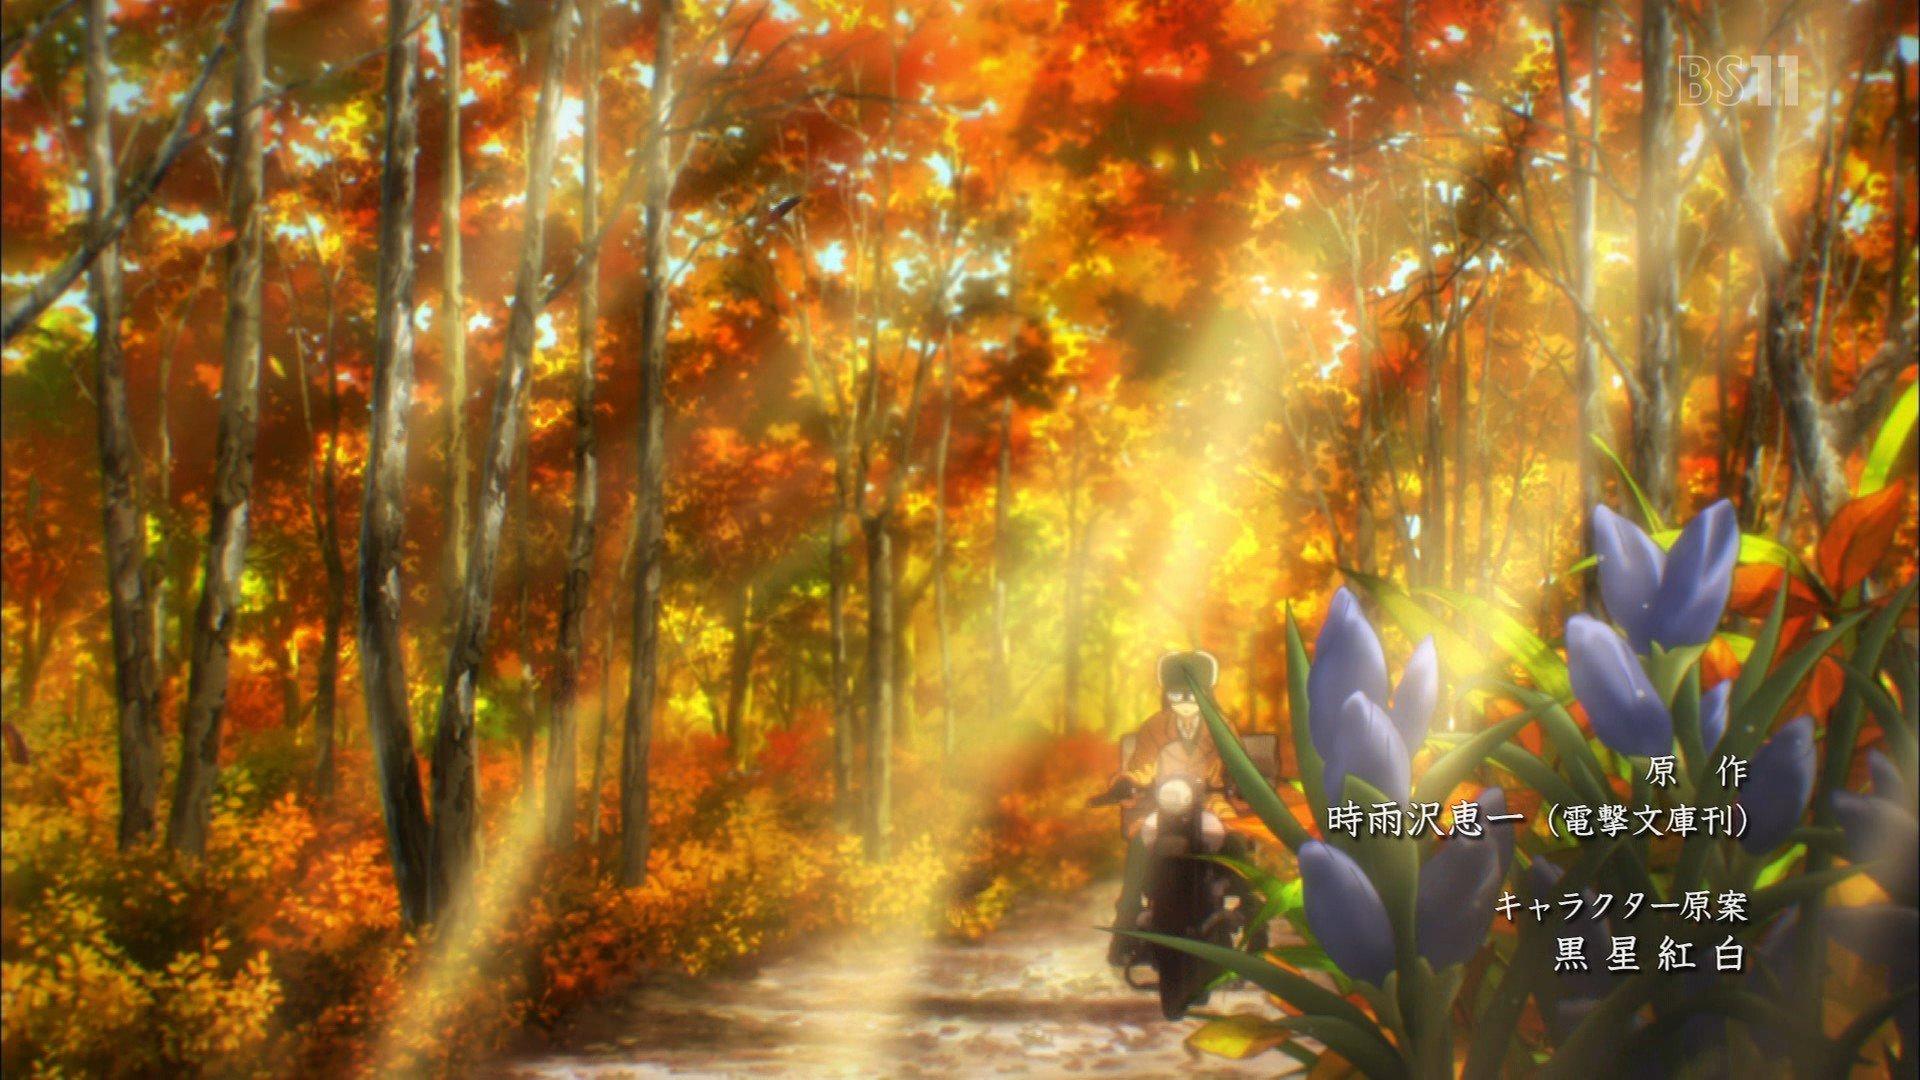 紅葉がきれい #kinonotabi #キノの旅 #bs11 https://t.co/RBE2pElO9Y